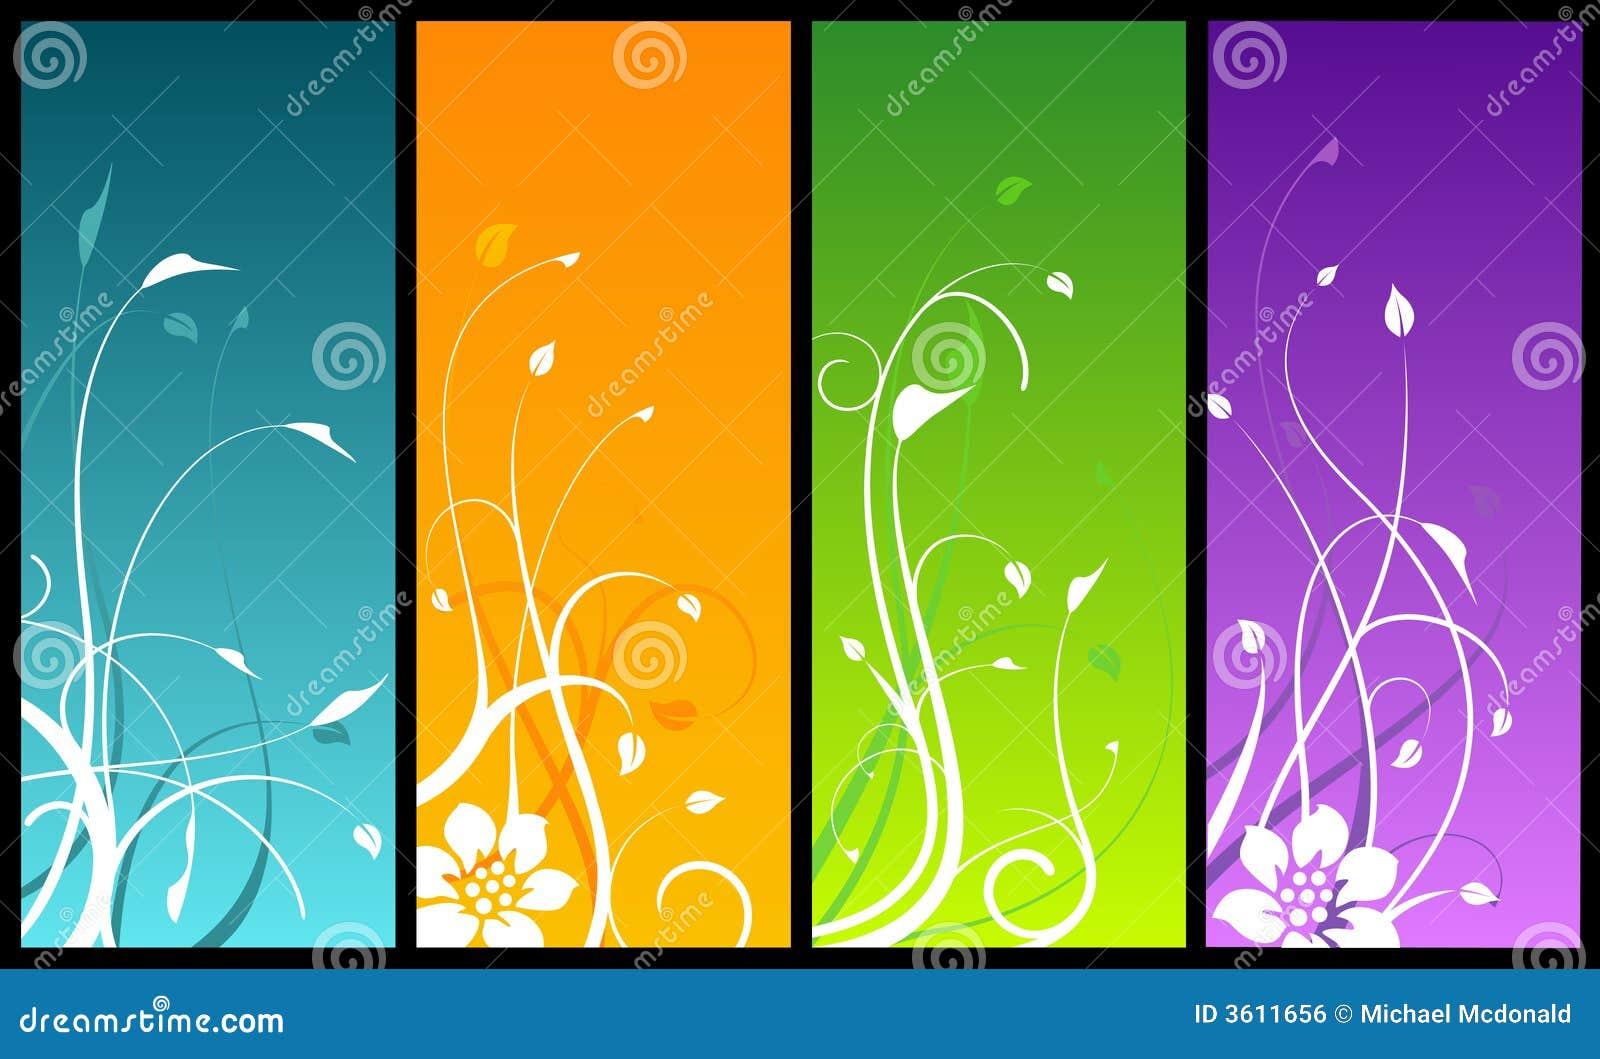 Dise os florales en fondos coloreados for Disenos de fondos